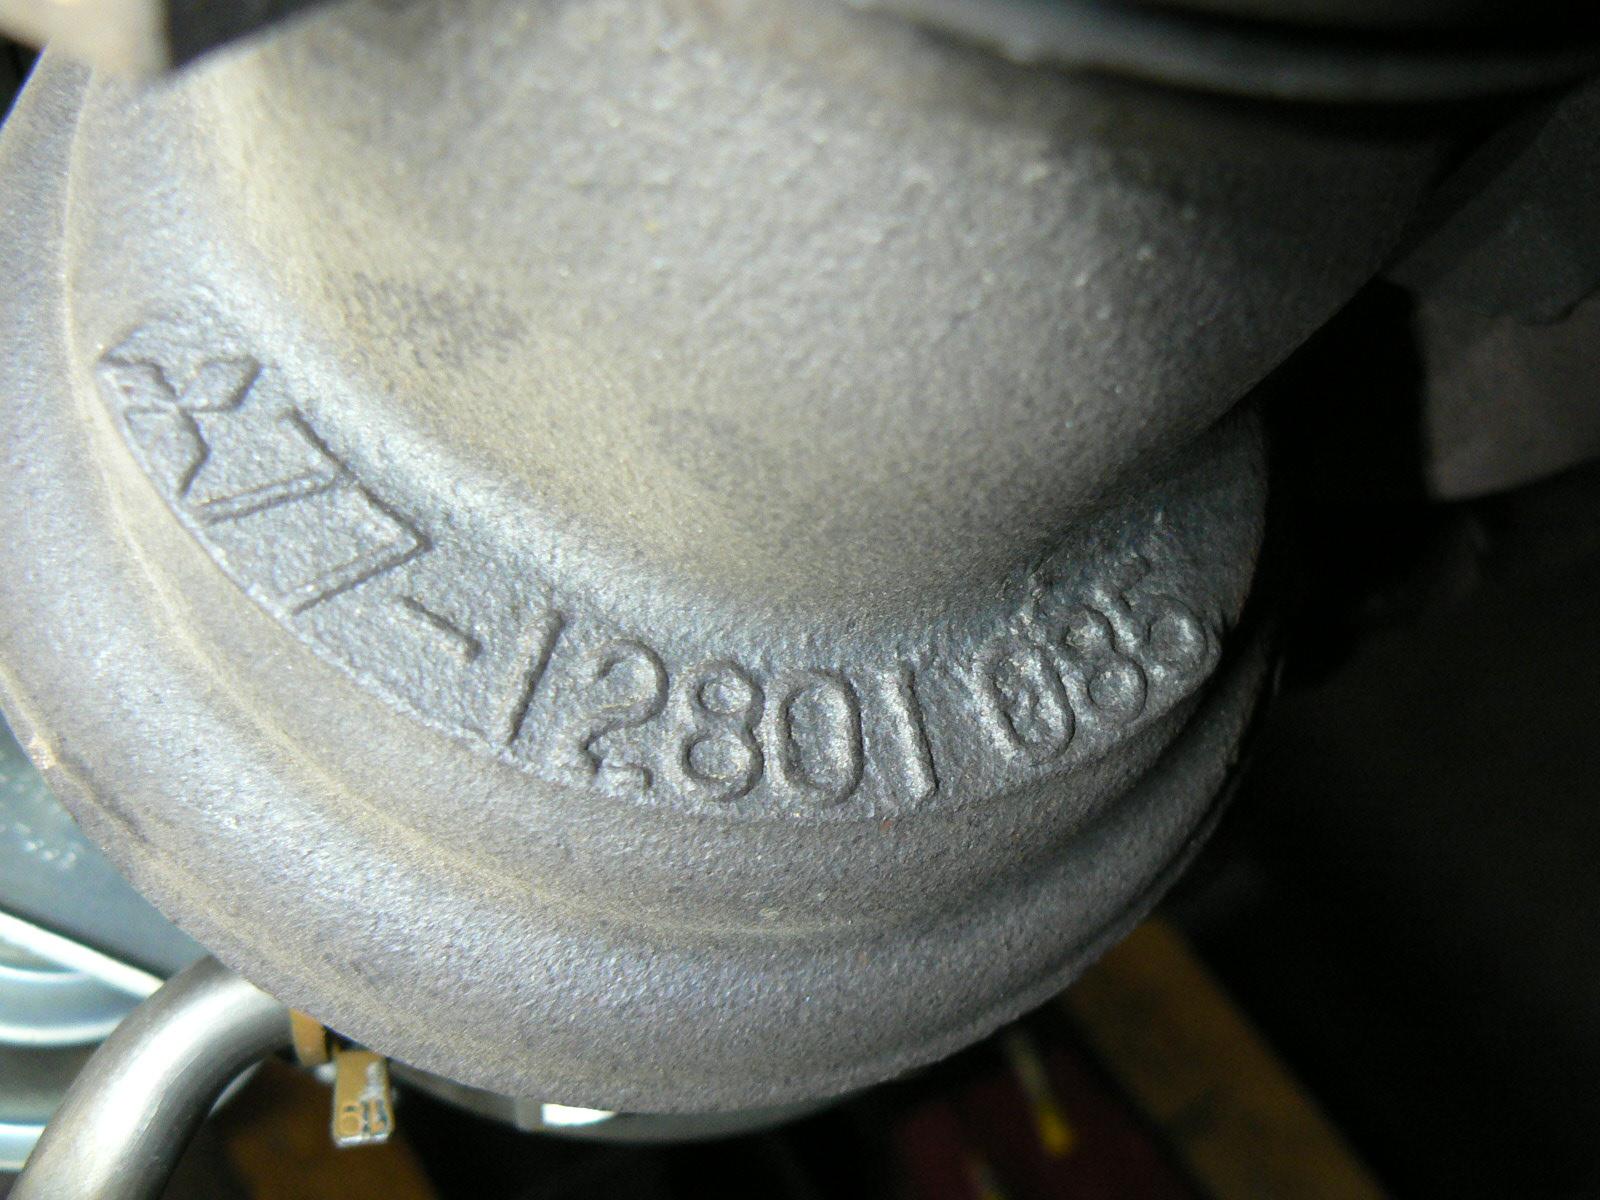 b0144624_19471364.jpg